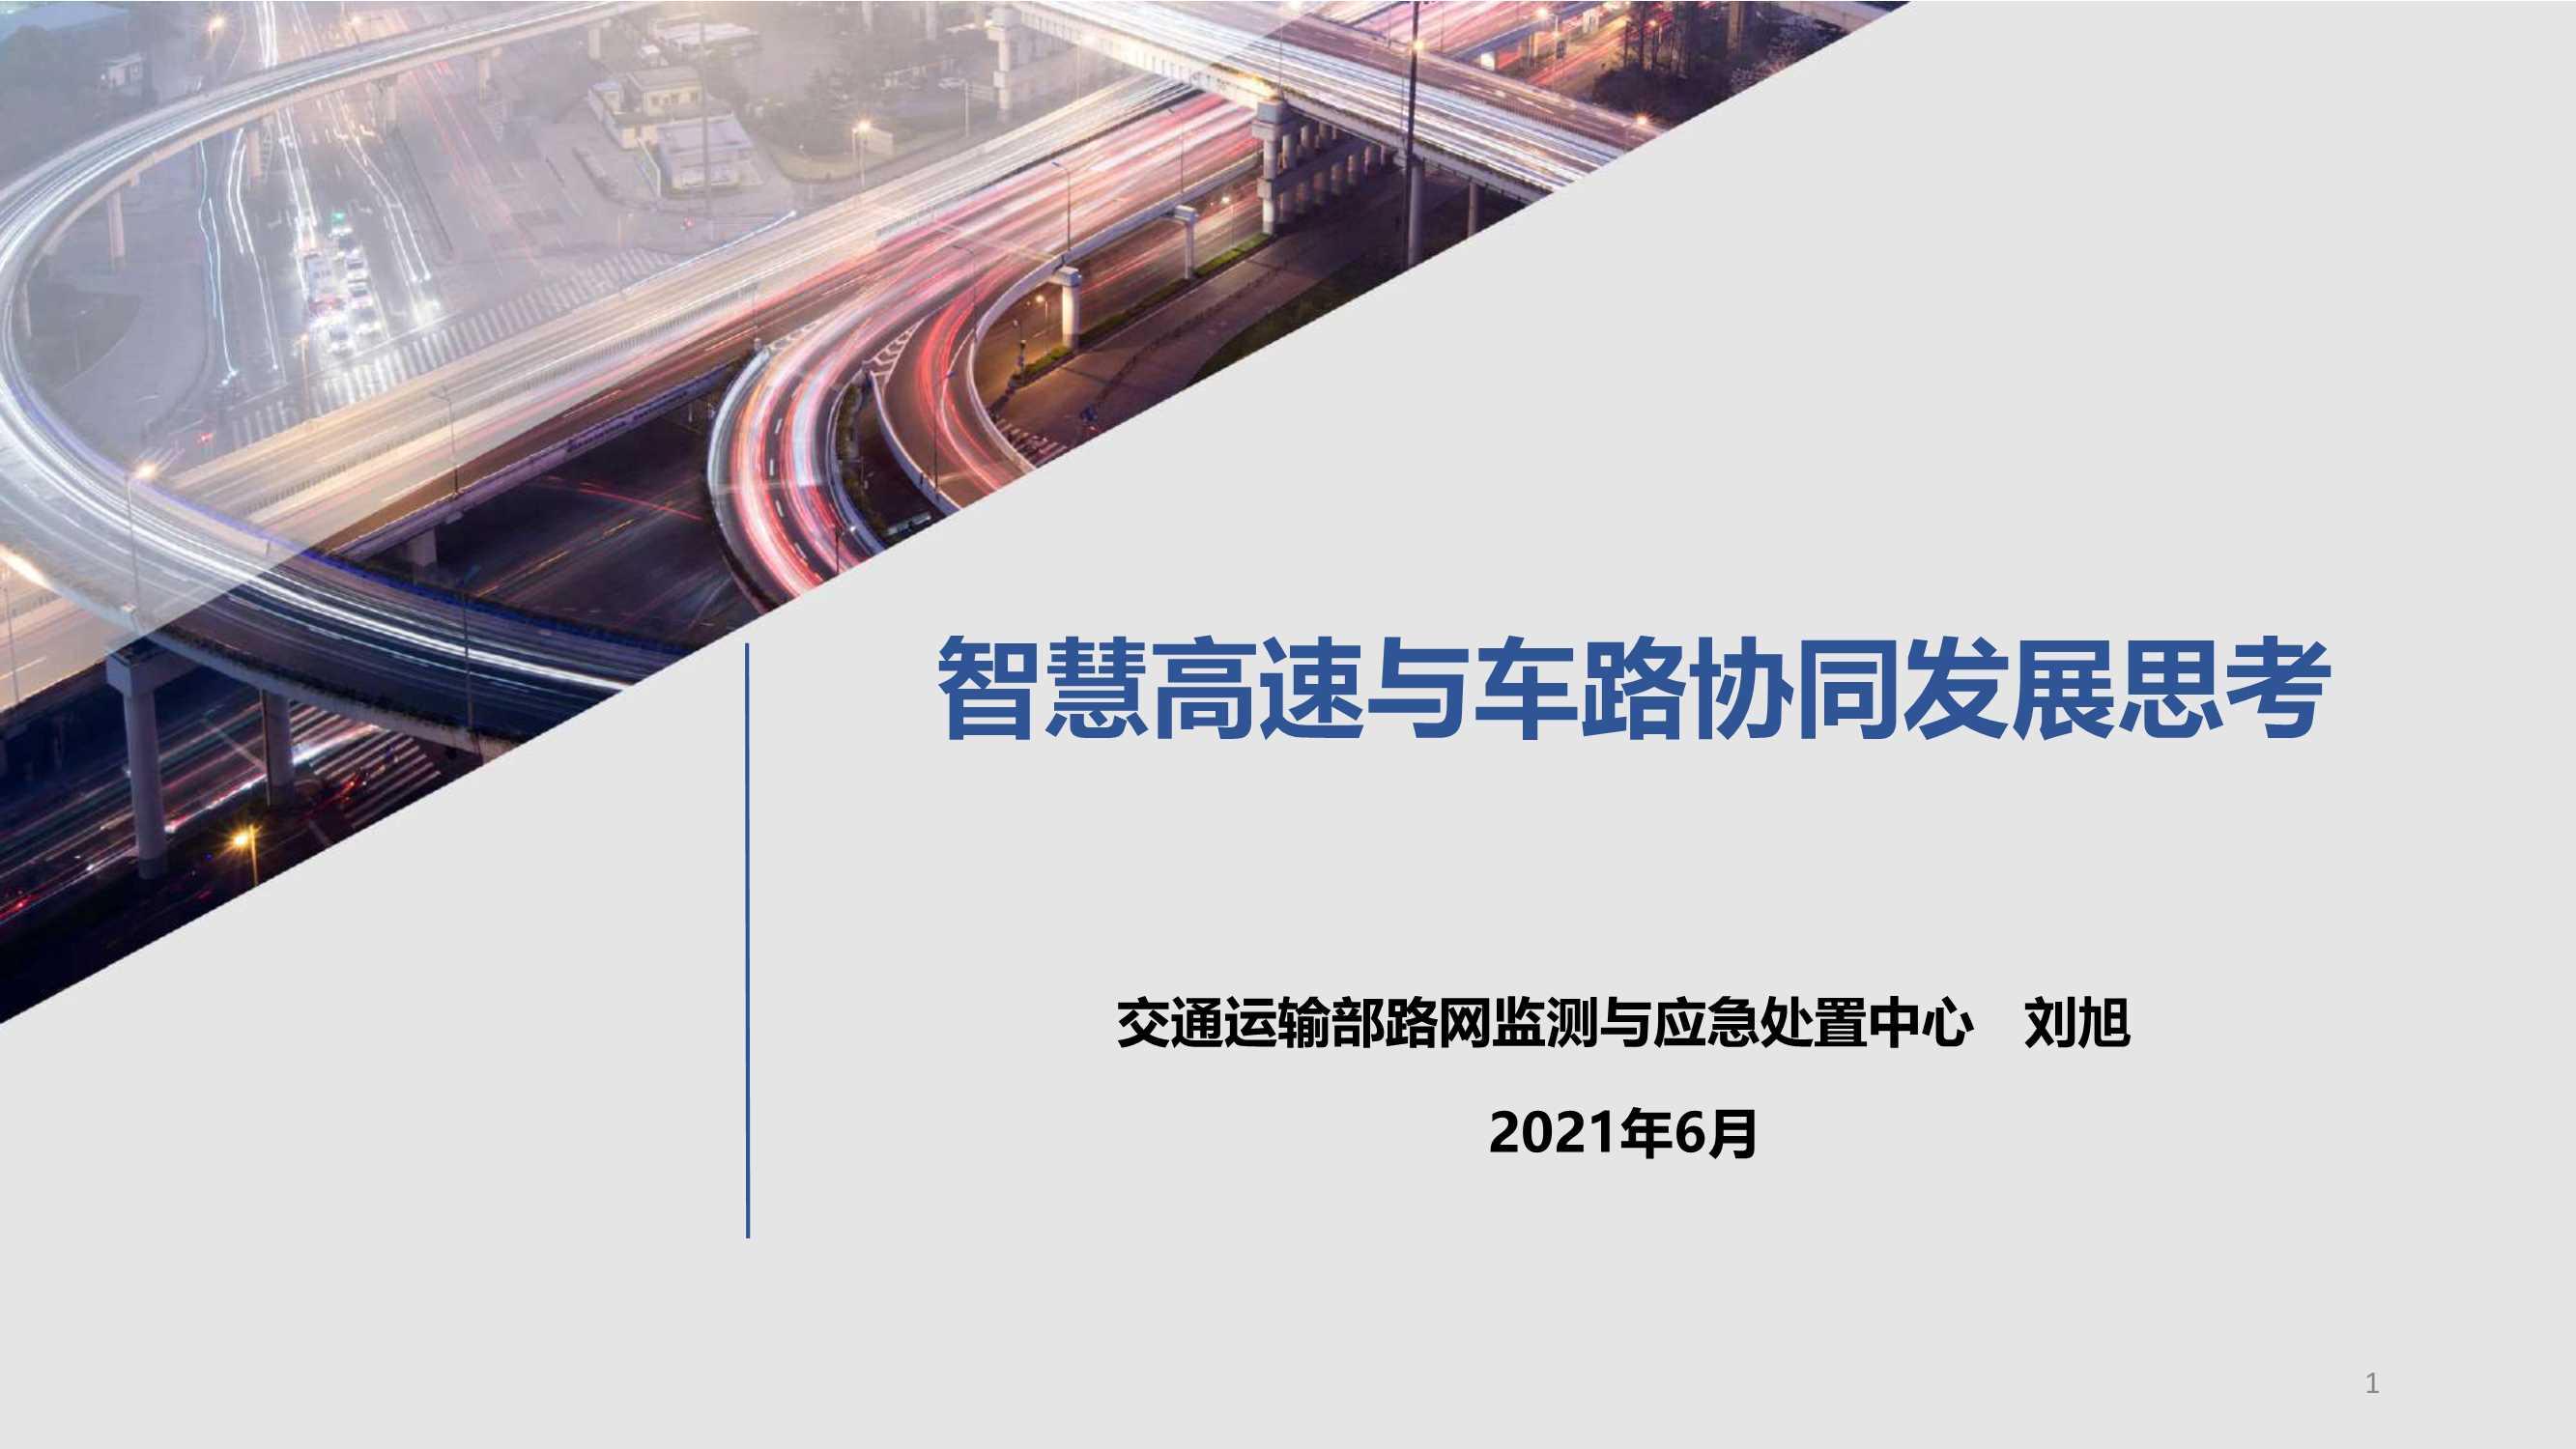 智慧高速与车路协同发展思考-刘旭-2021.04-15页